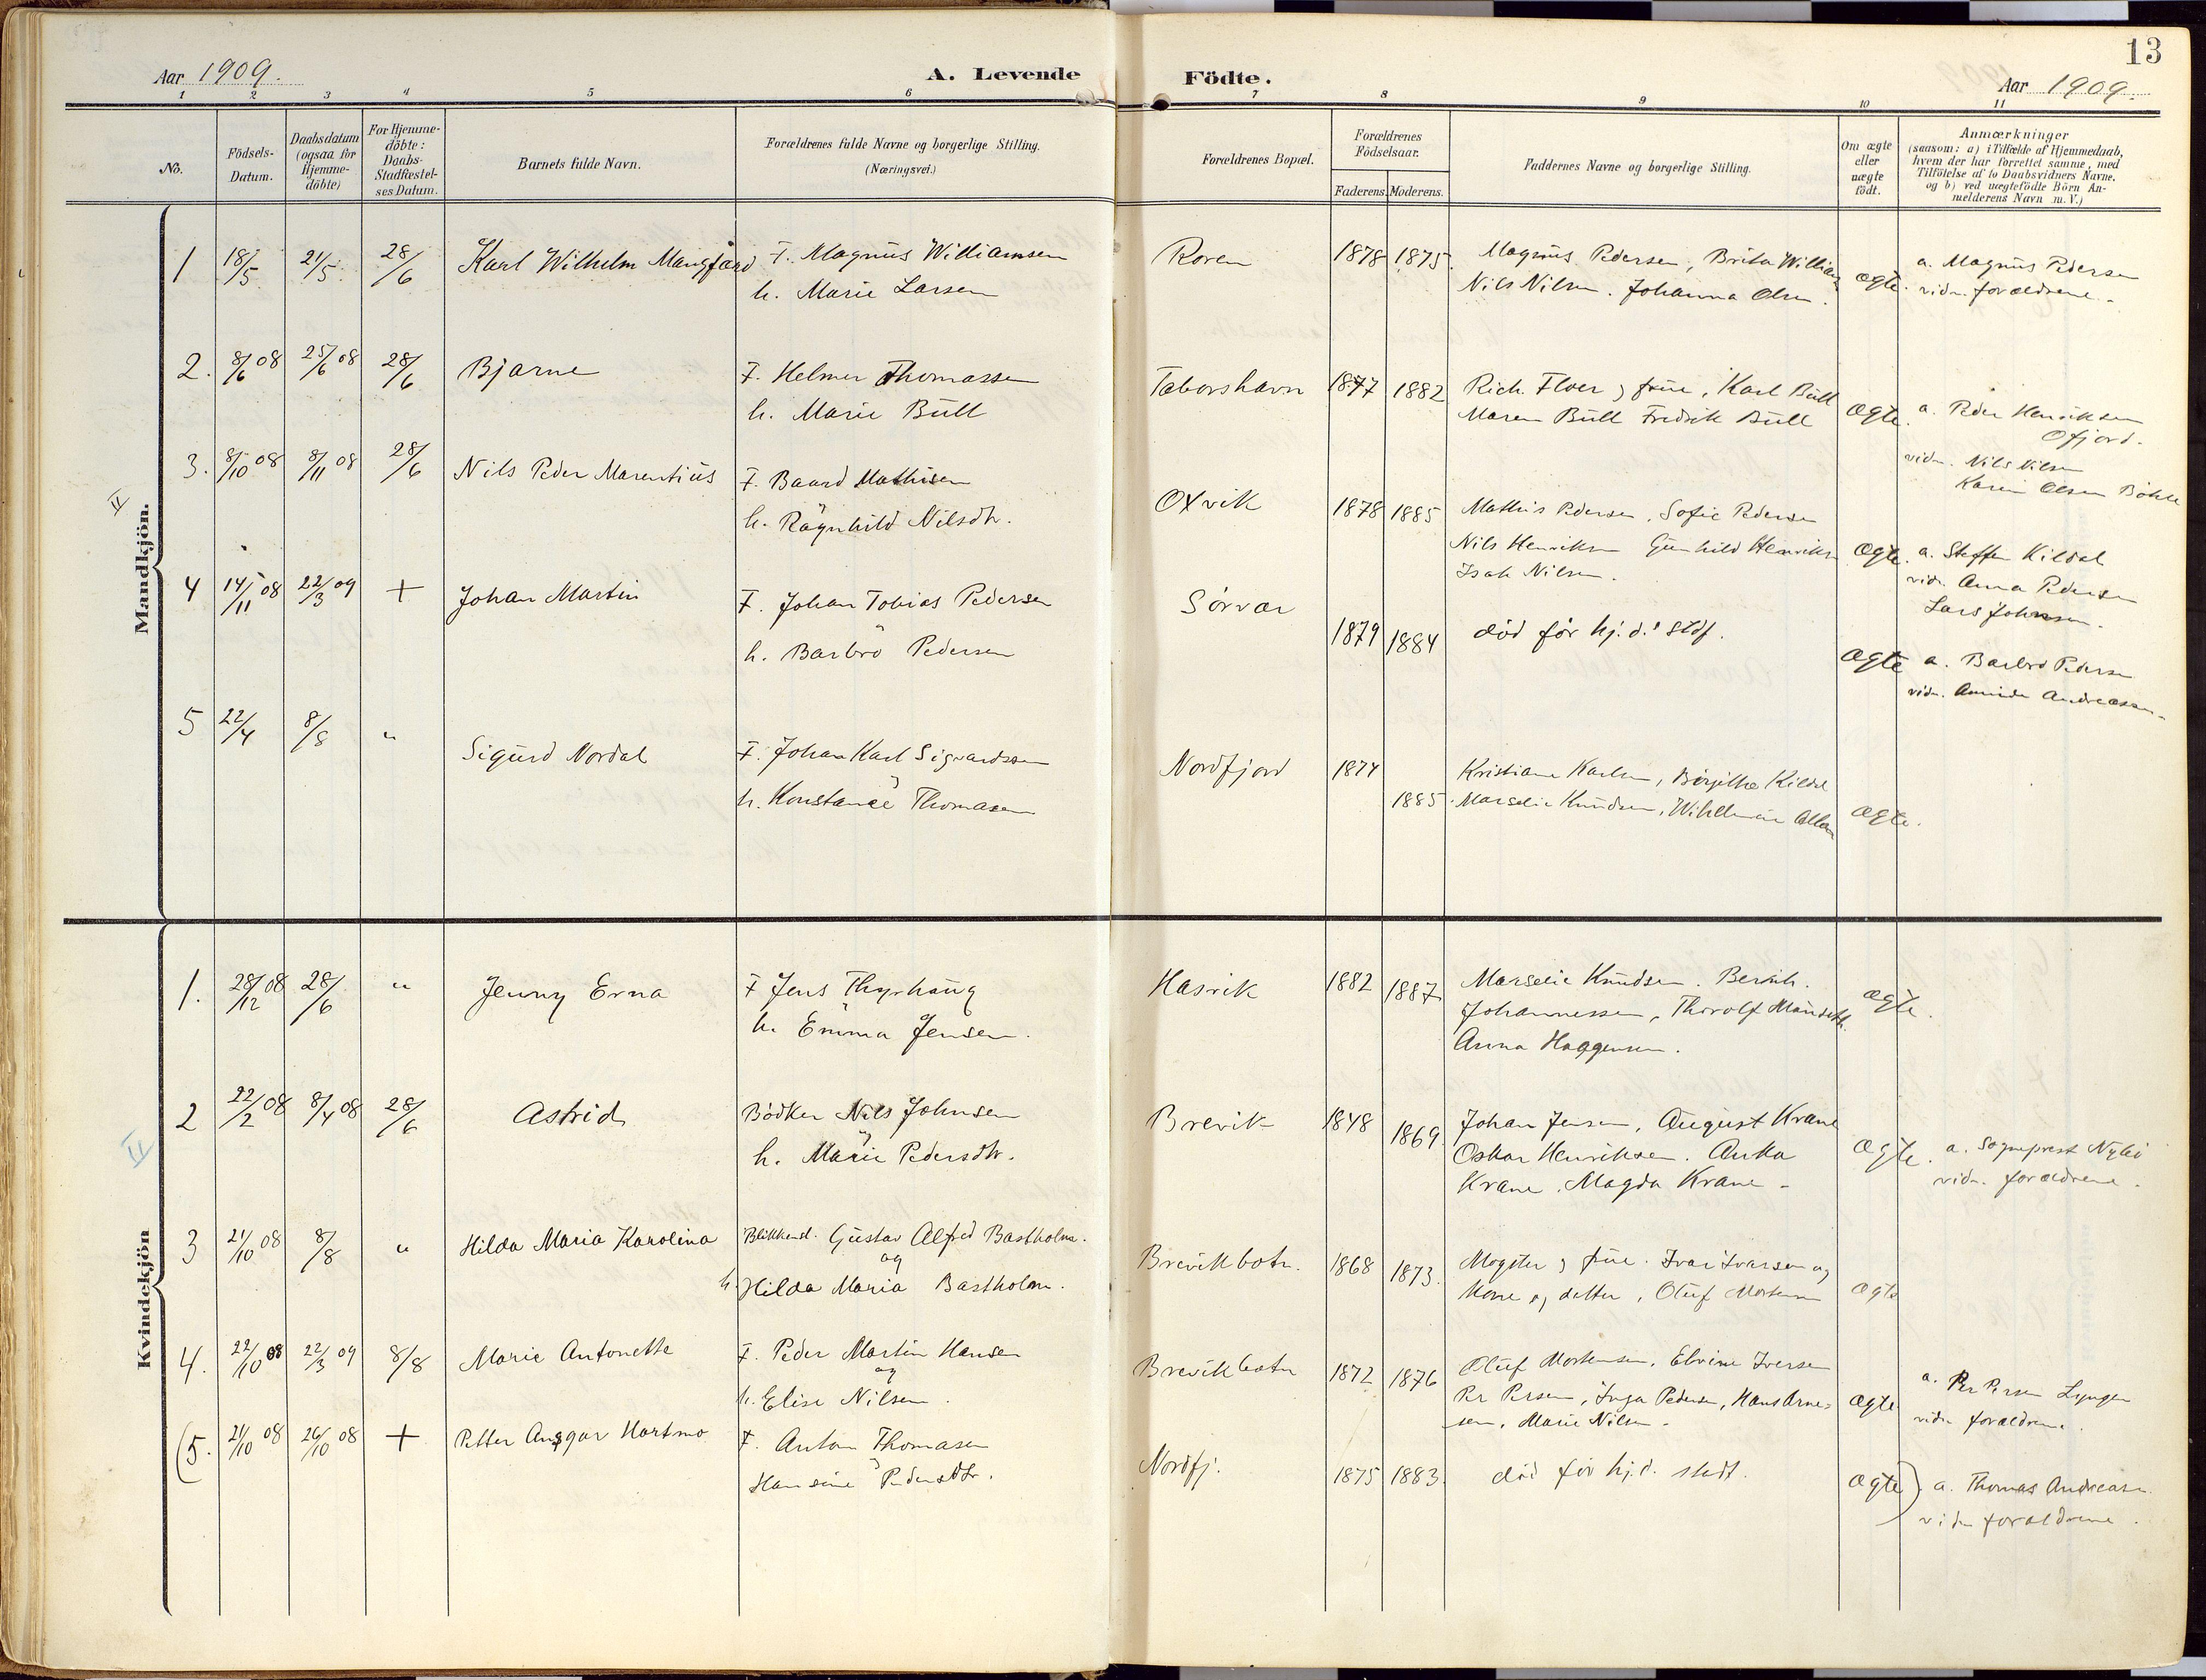 SATØ, Loppa sokneprestkontor, H/Ha/L0010kirke: Ministerialbok nr. 10, 1907-1922, s. 13